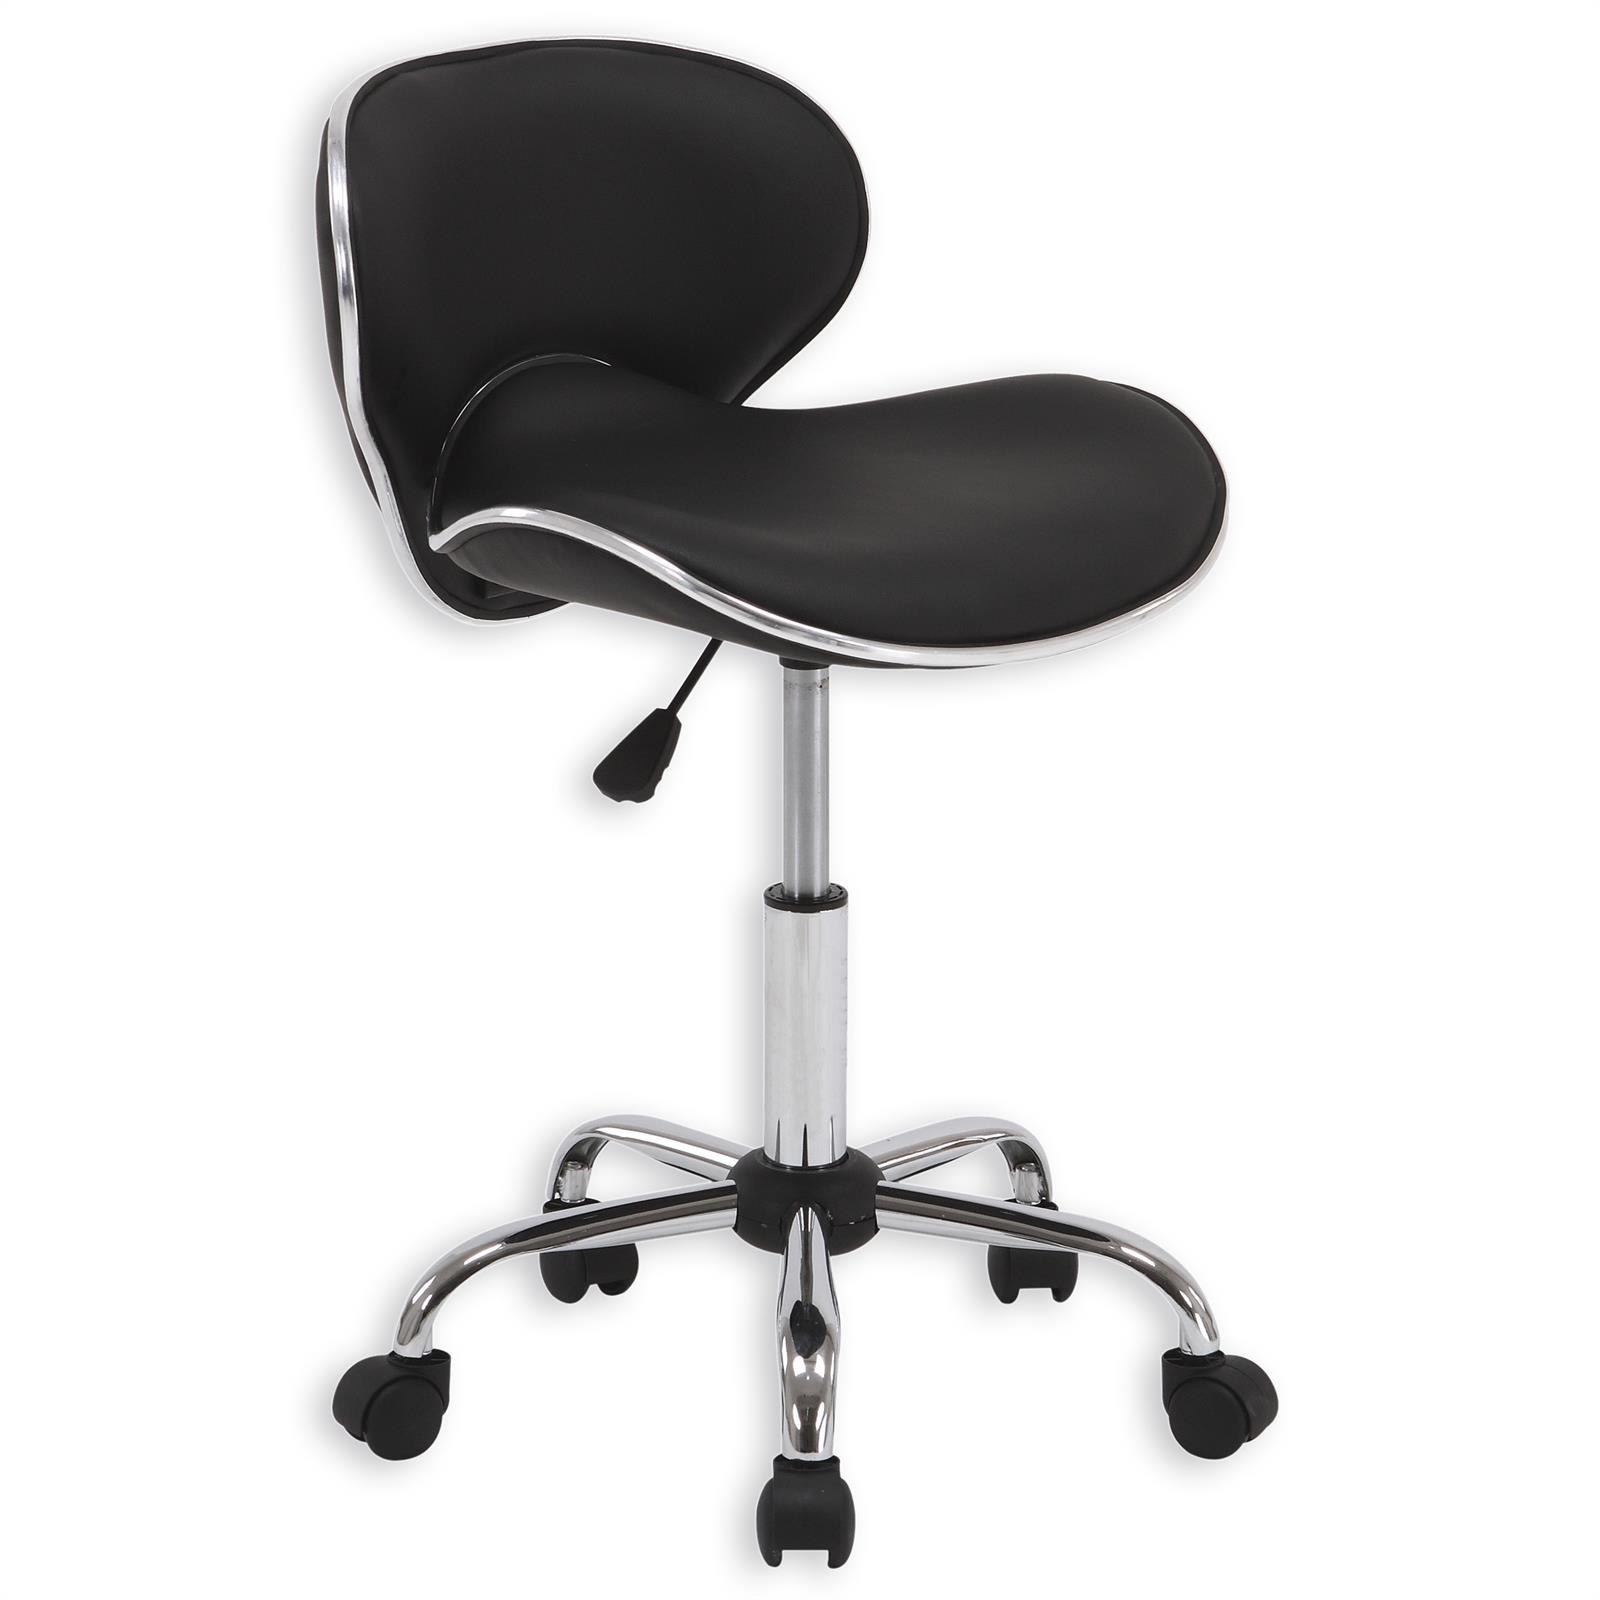 Chaise de bureau sur roulettes gunnar noir mobil meubles - Chaise de bureau noir ...